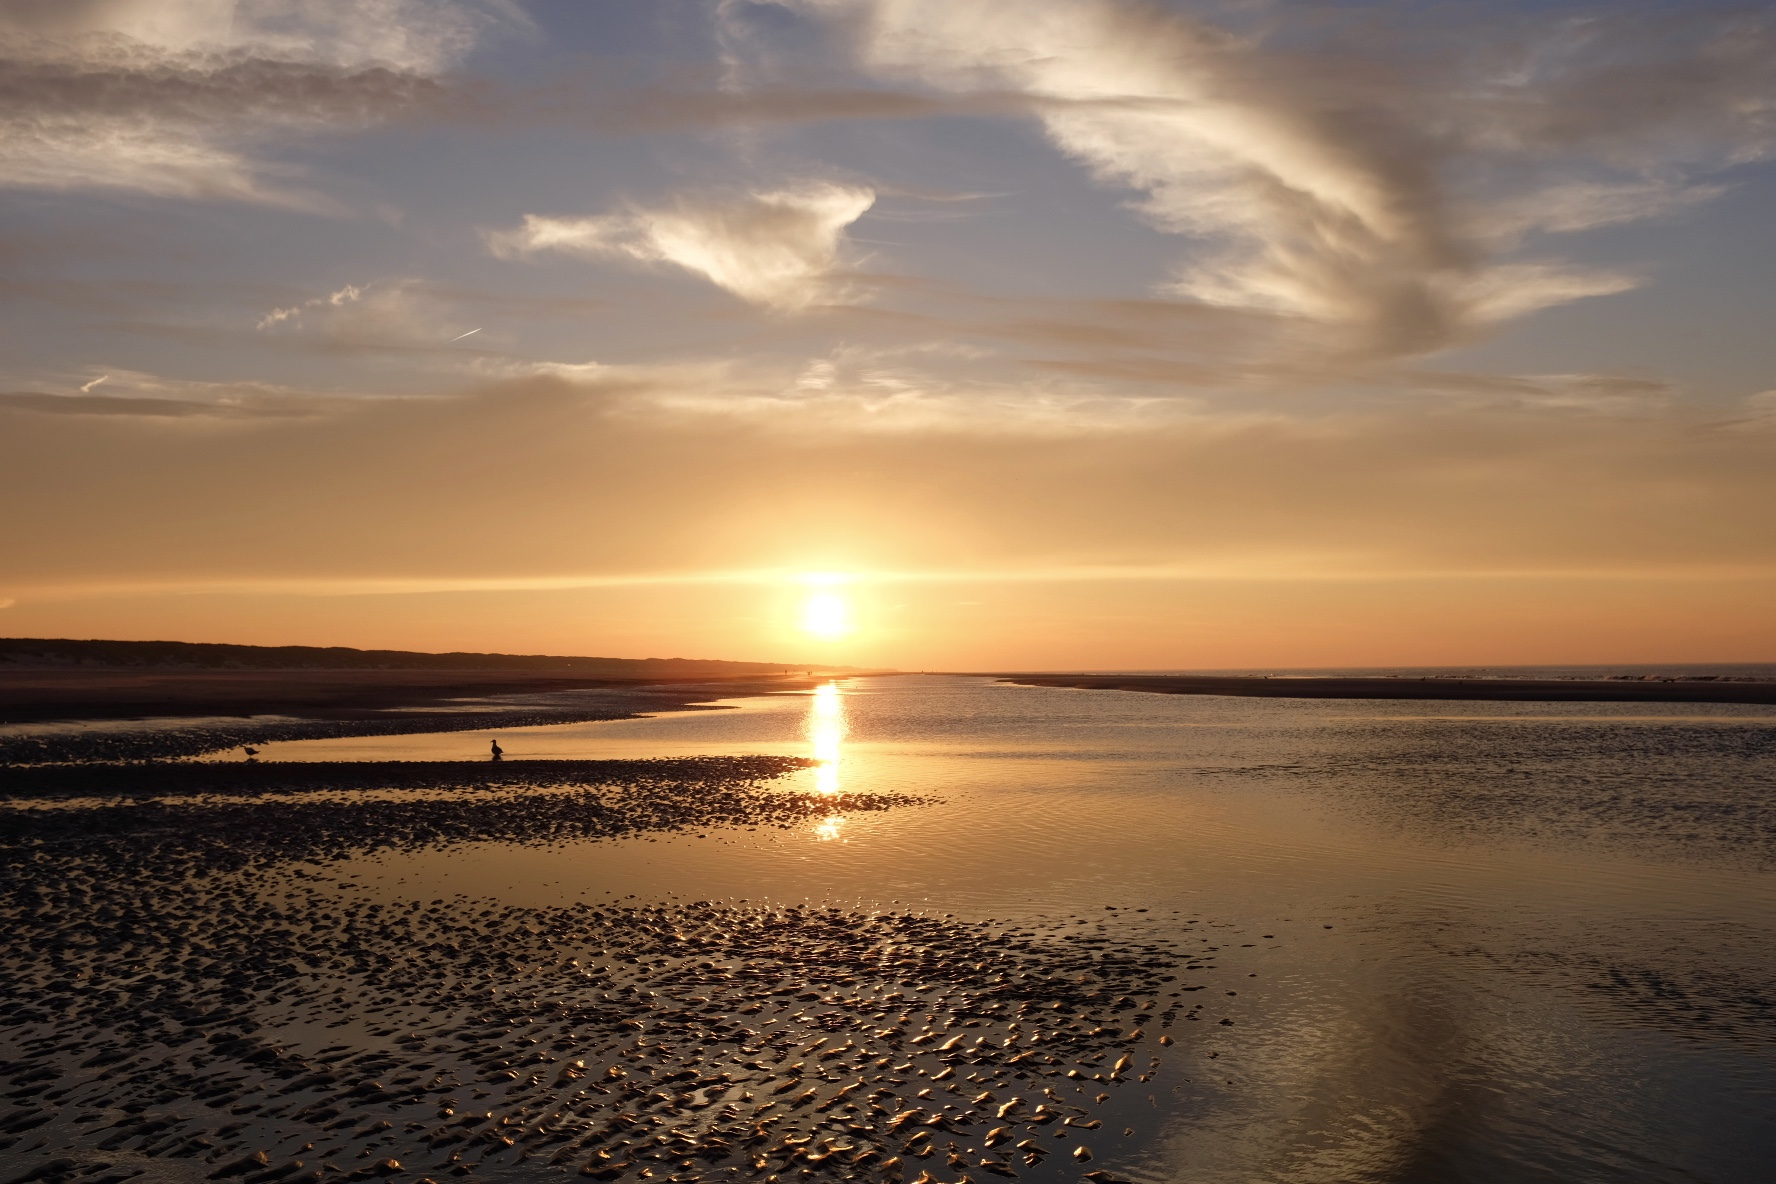 Sonnenuntrgang Nordsee Meer Wattenmeer Juist